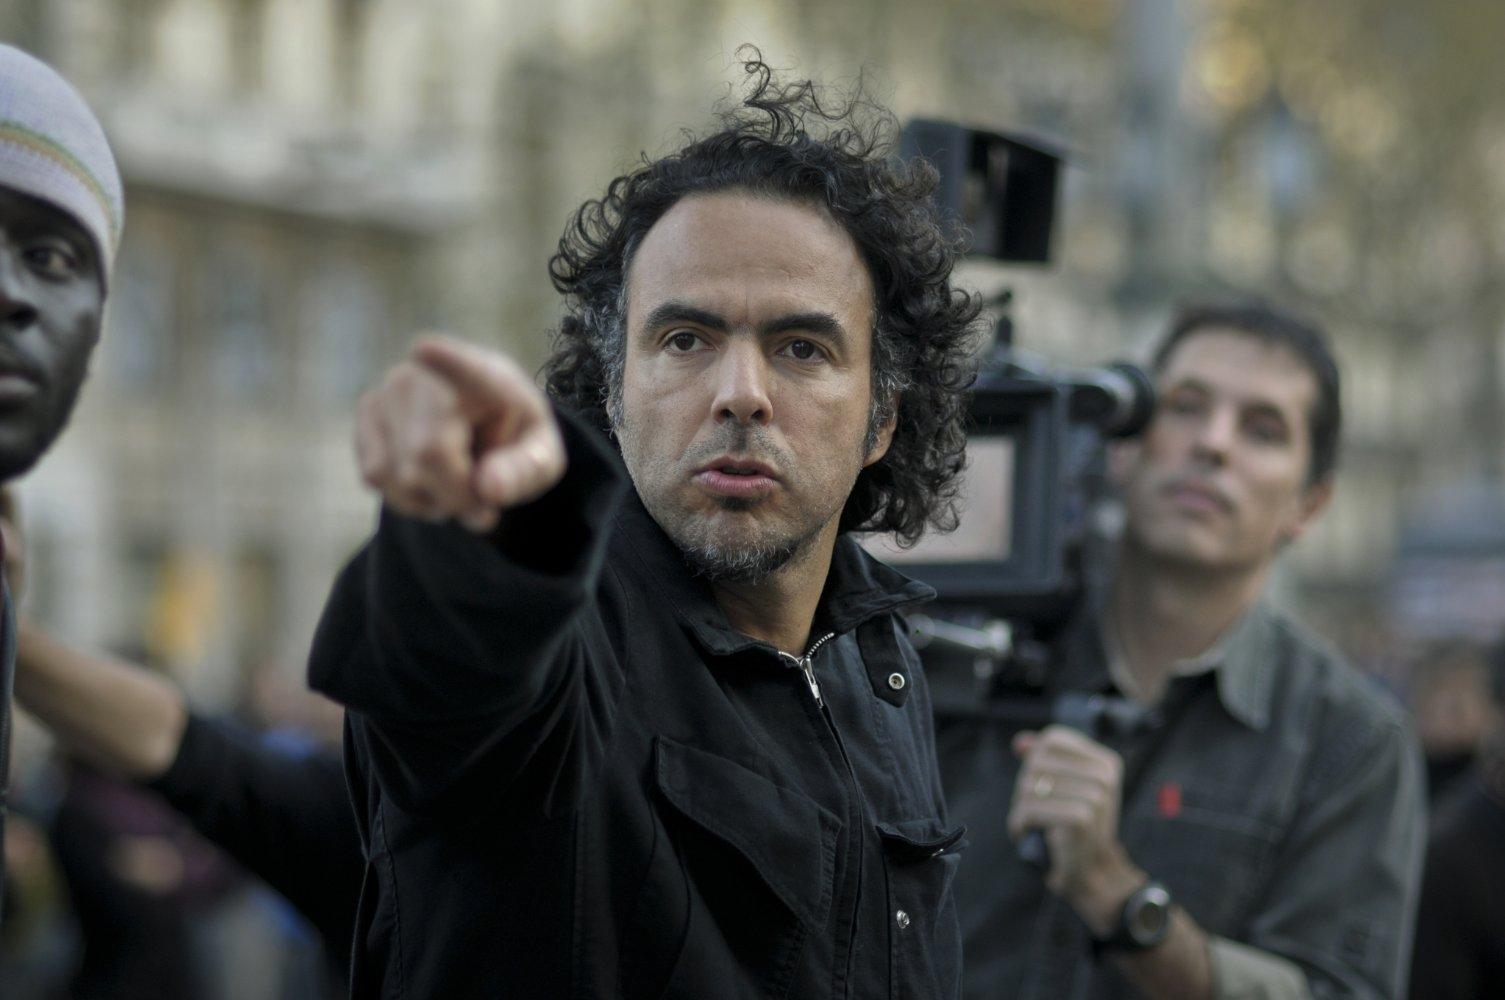 4 تقنيات سينمائية يشجّعنا أليخاندرو غونزاليس إيناريتو على تجربتها - مشهد 1